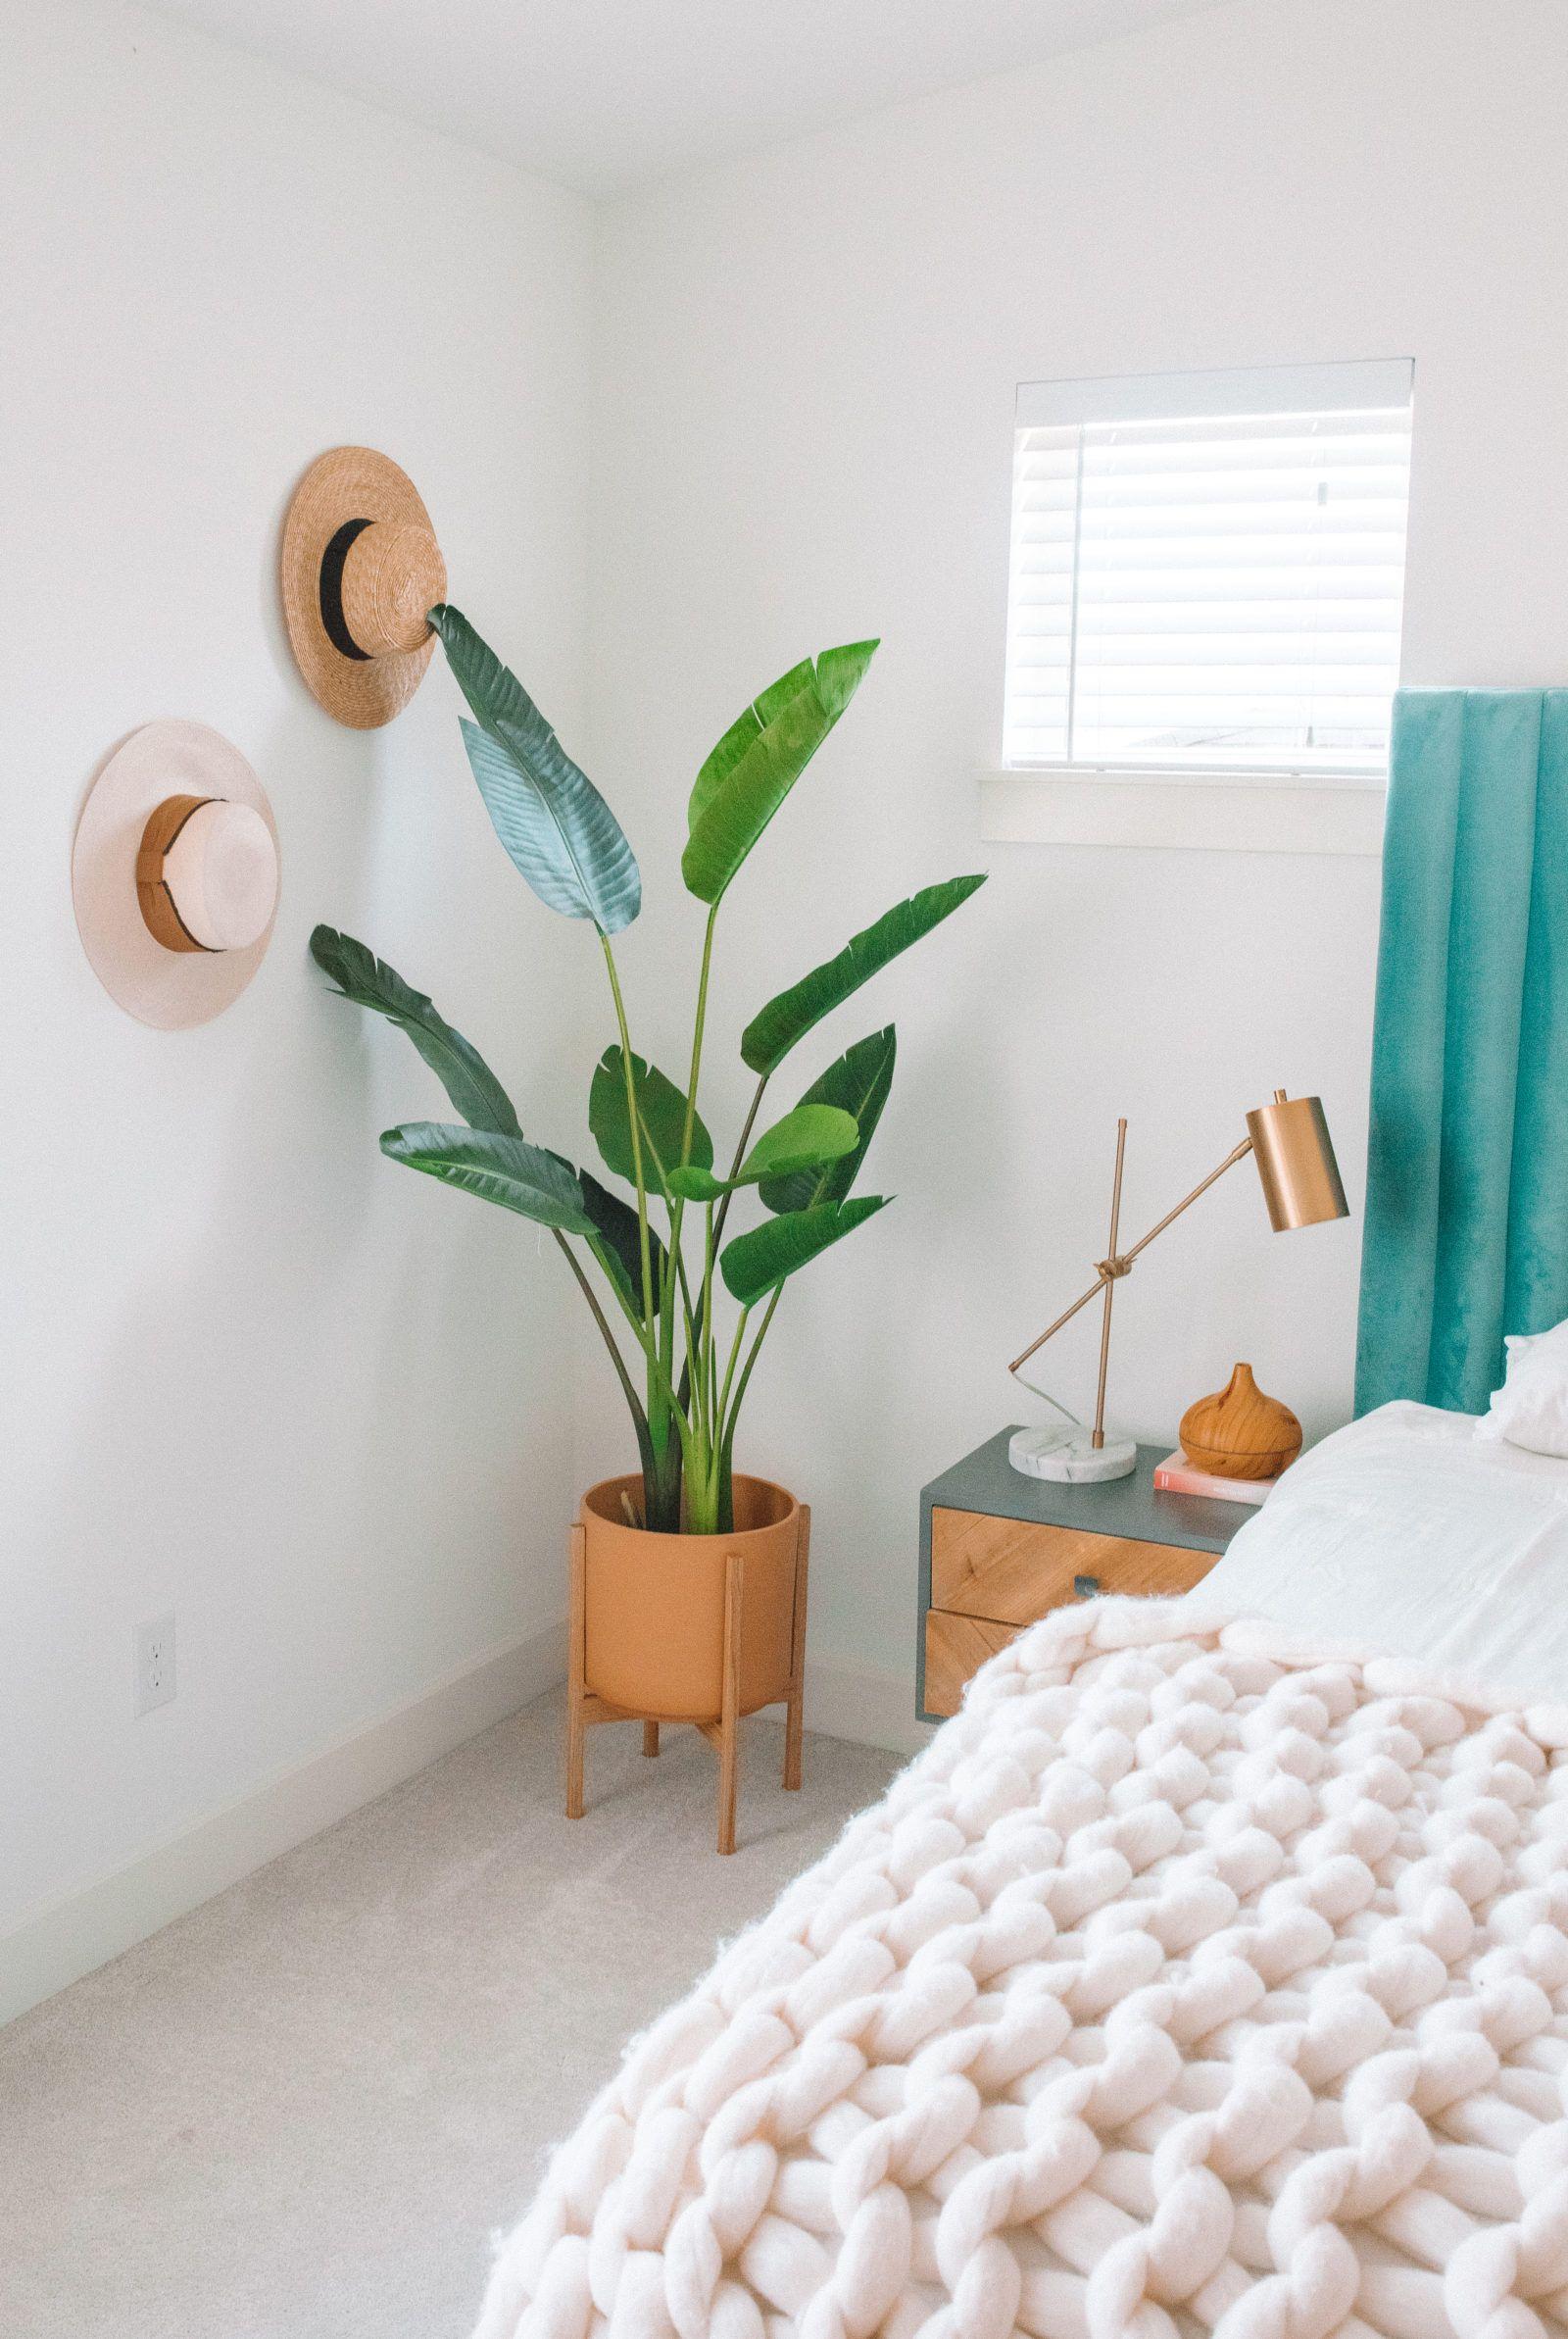 15 Best Artificial Plants For Home Decor Best Fake Plants 2020 Bedroom Plants Decor Room Ideas Bedroom Bedroom Plants